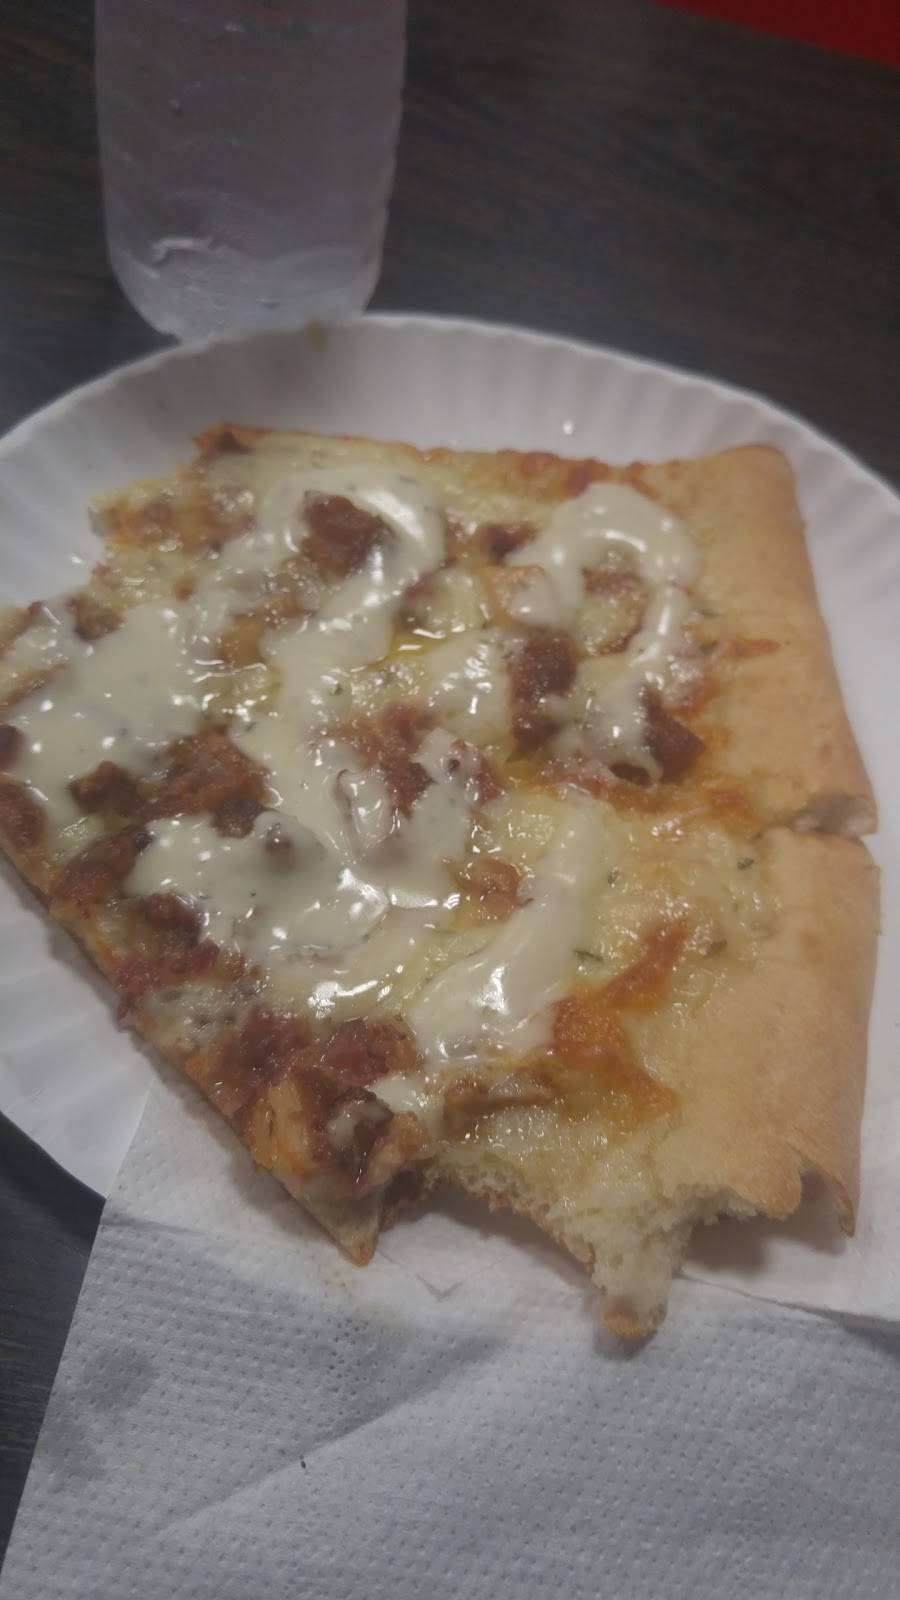 Sals Pizza & Pasta   restaurant   1020 Wolcott Ave, Beacon, NY 12508, USA   8458315800 OR +1 845-831-5800